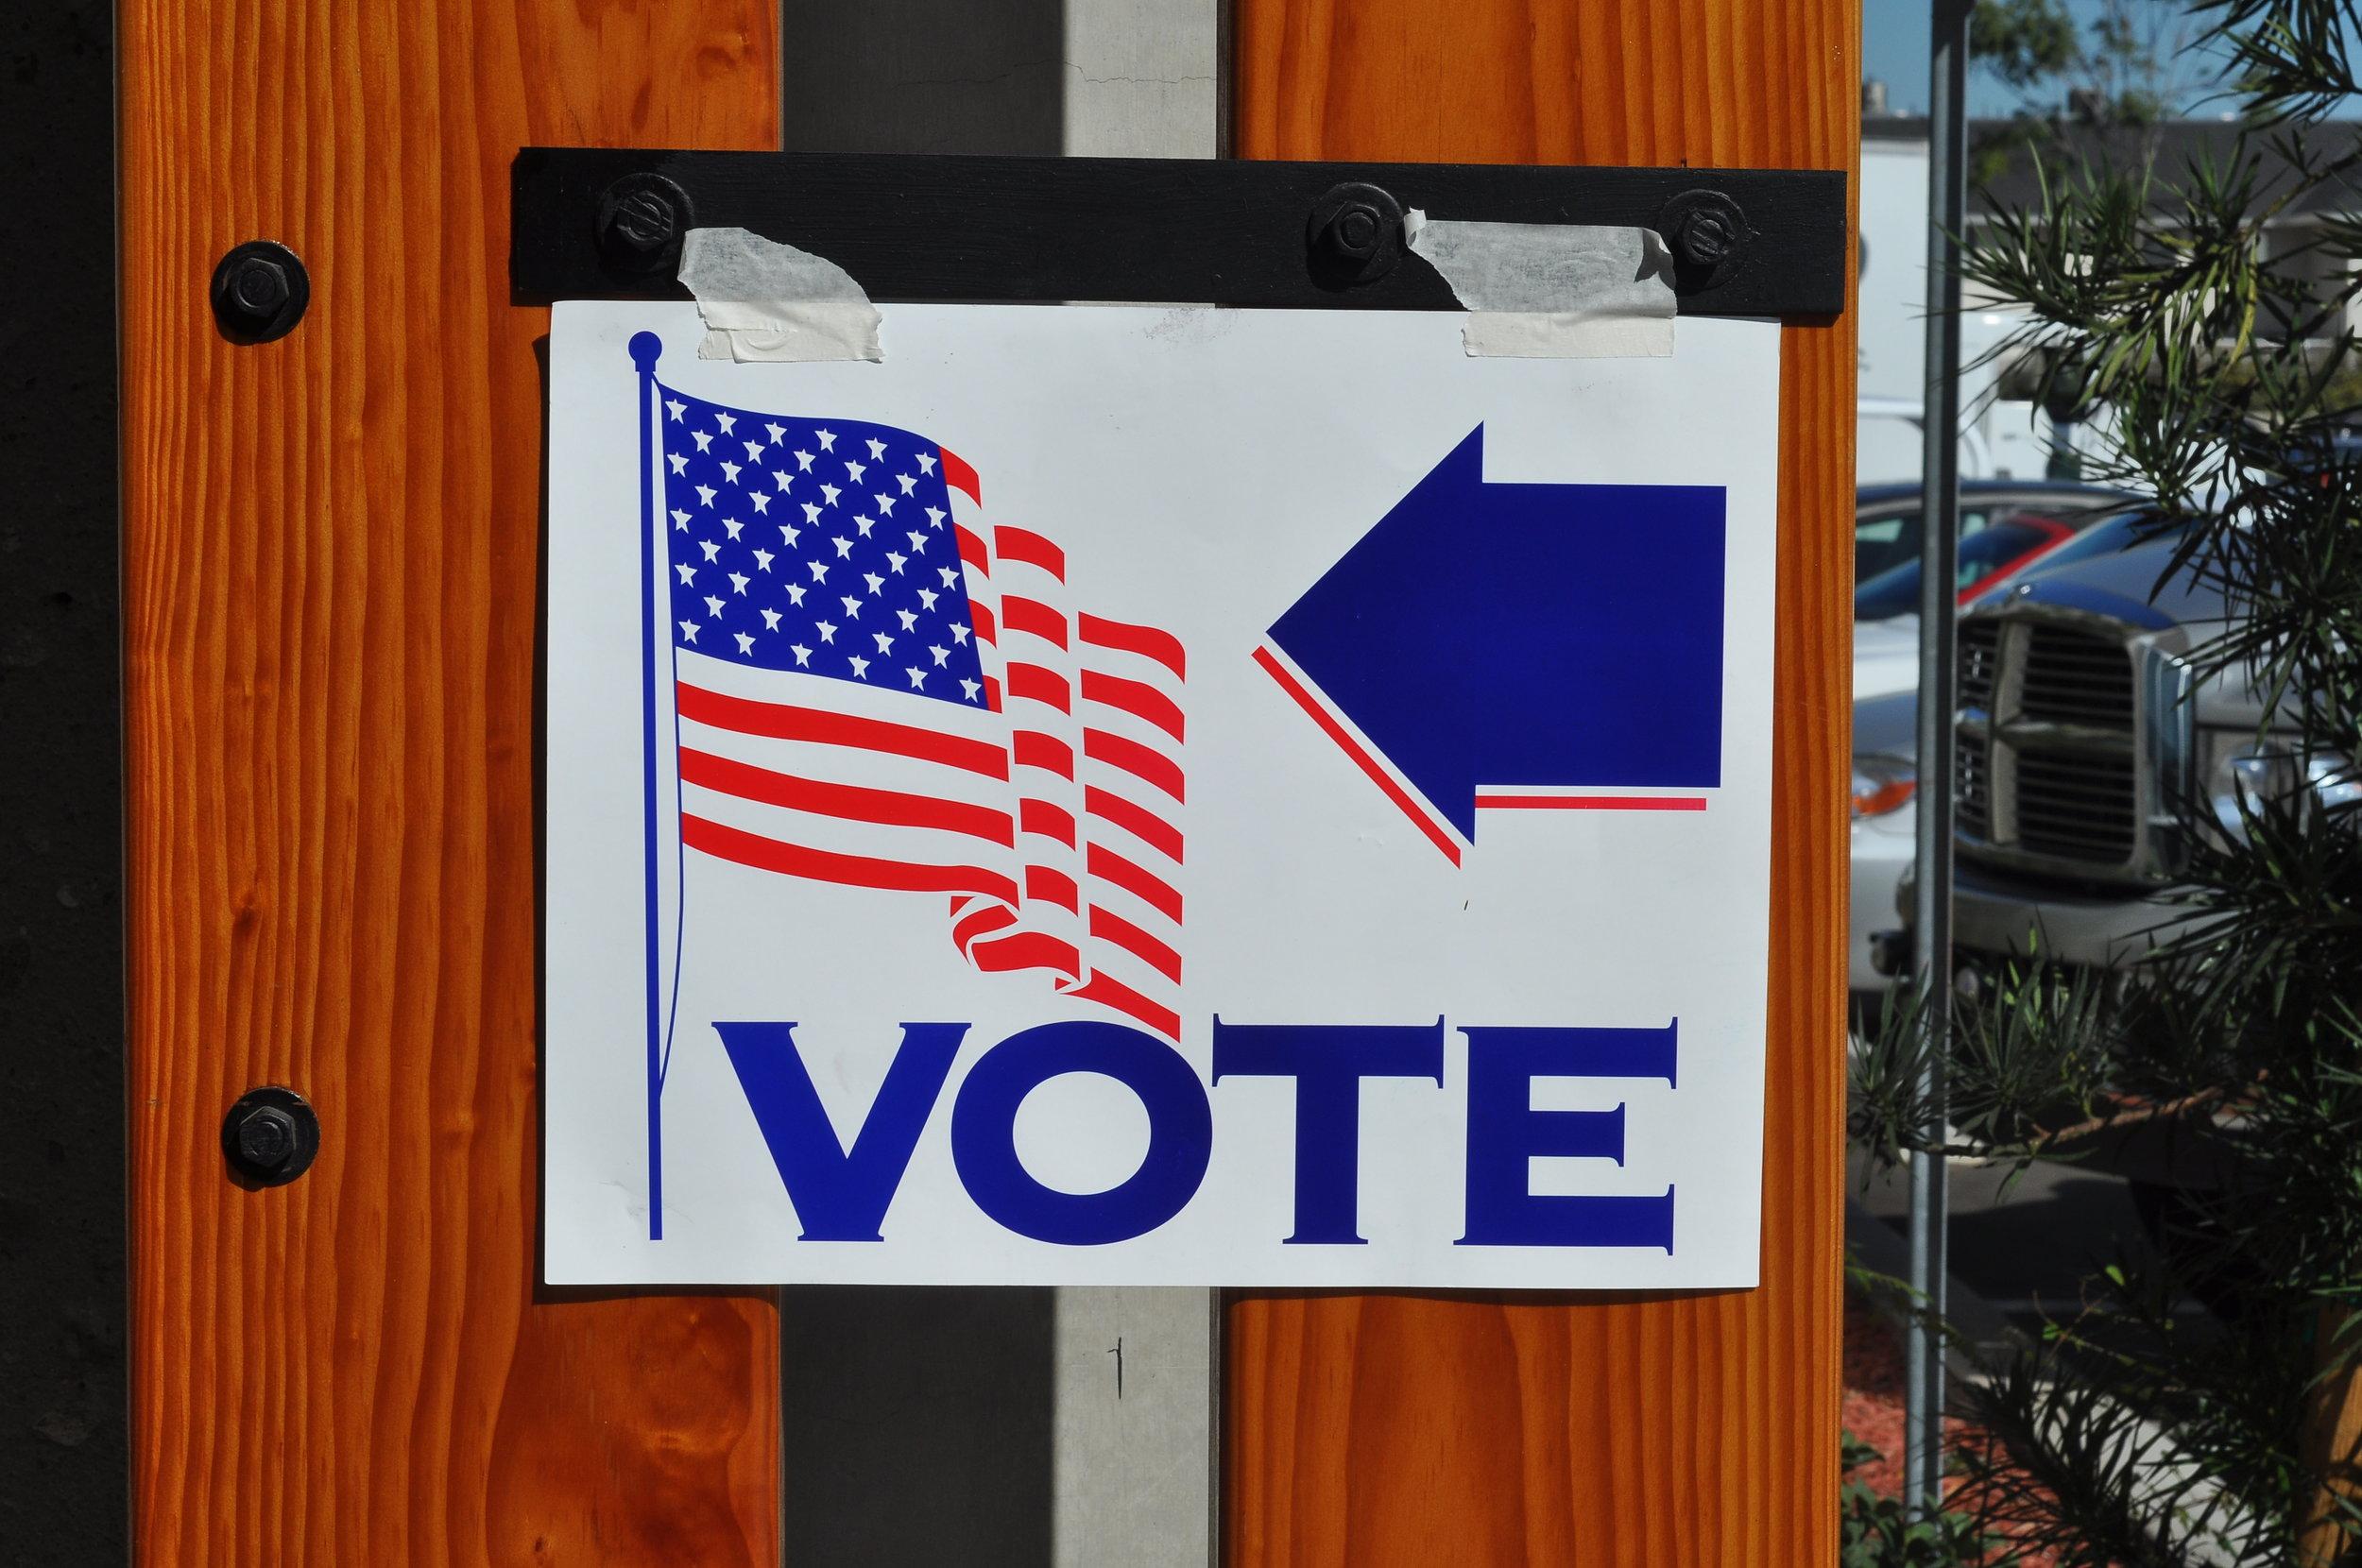 Voting_United_States.jpg